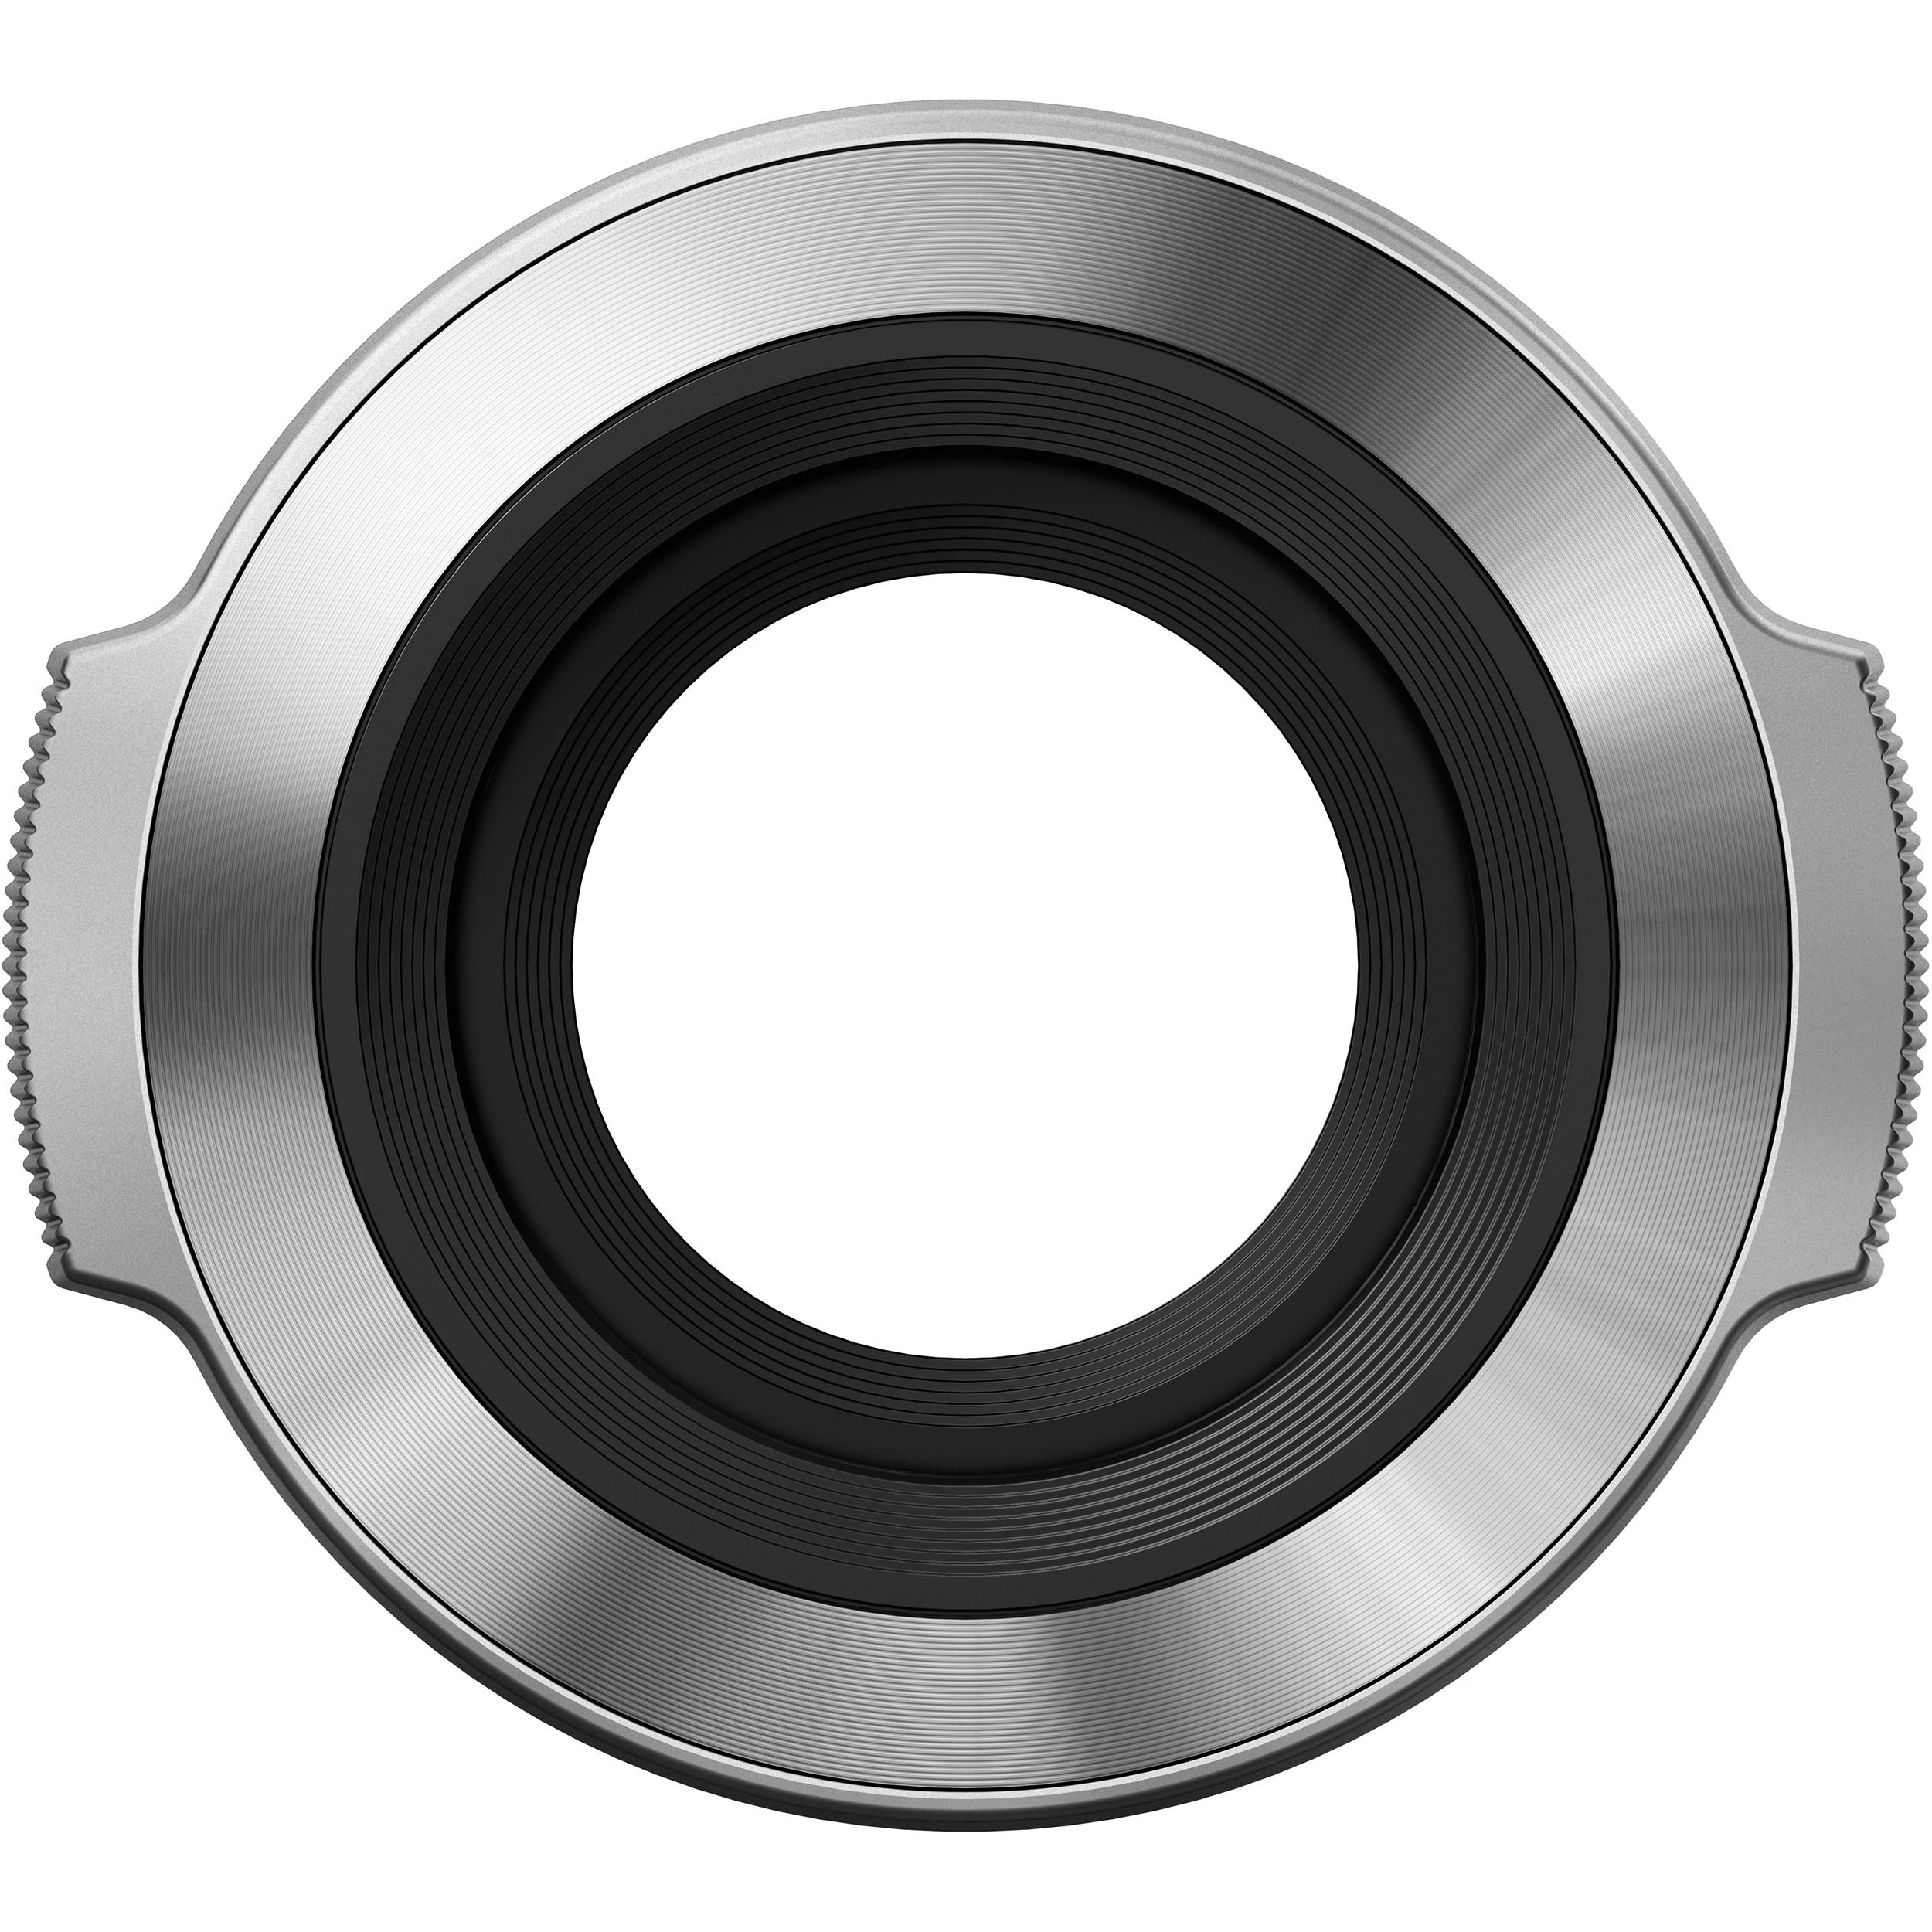 for P//N: V314060BE000 Lens cap Olympus LC-62D V314060BU000